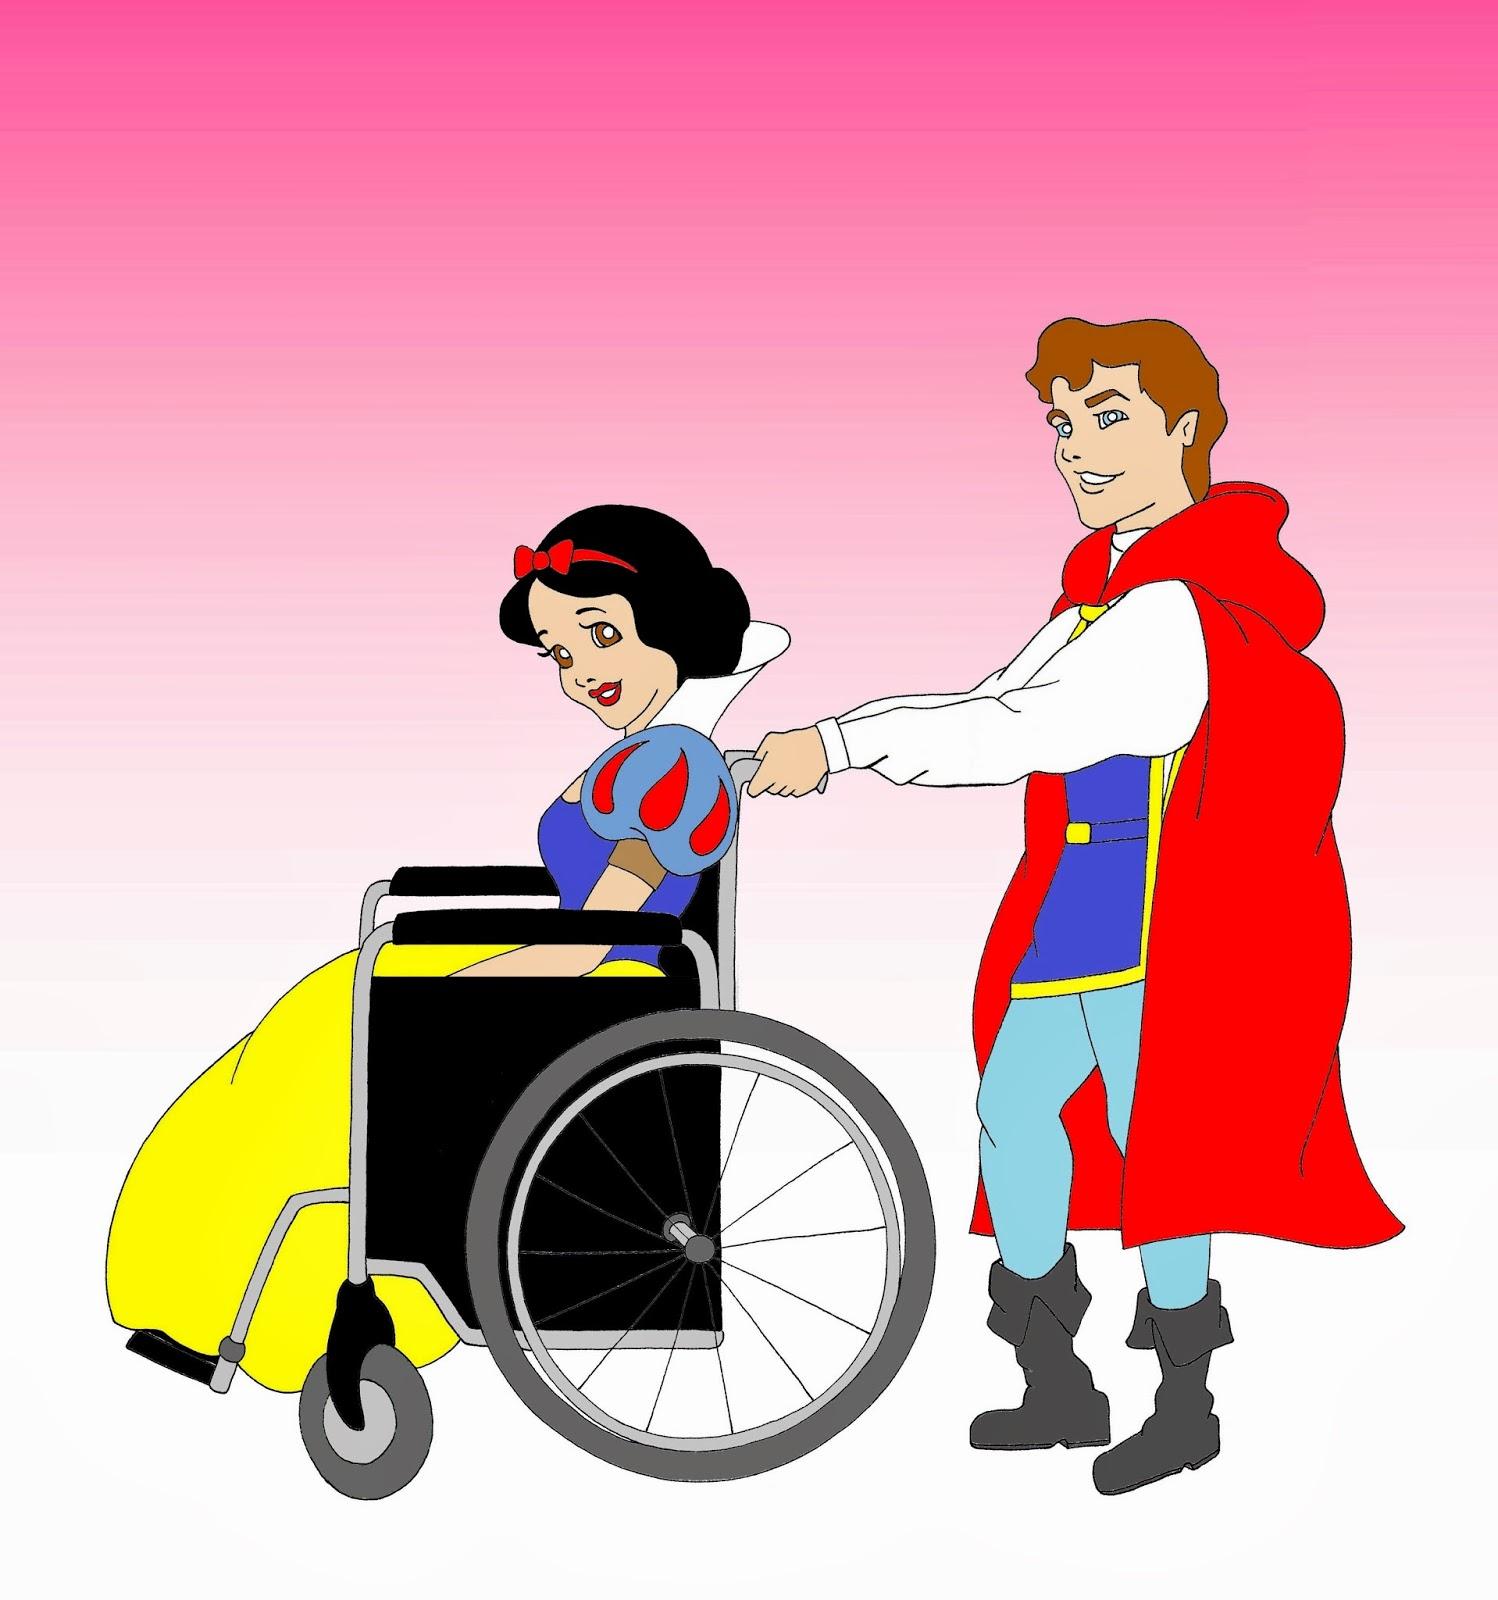 Silla de ruedas con discapacidad lady gives blowjob 8